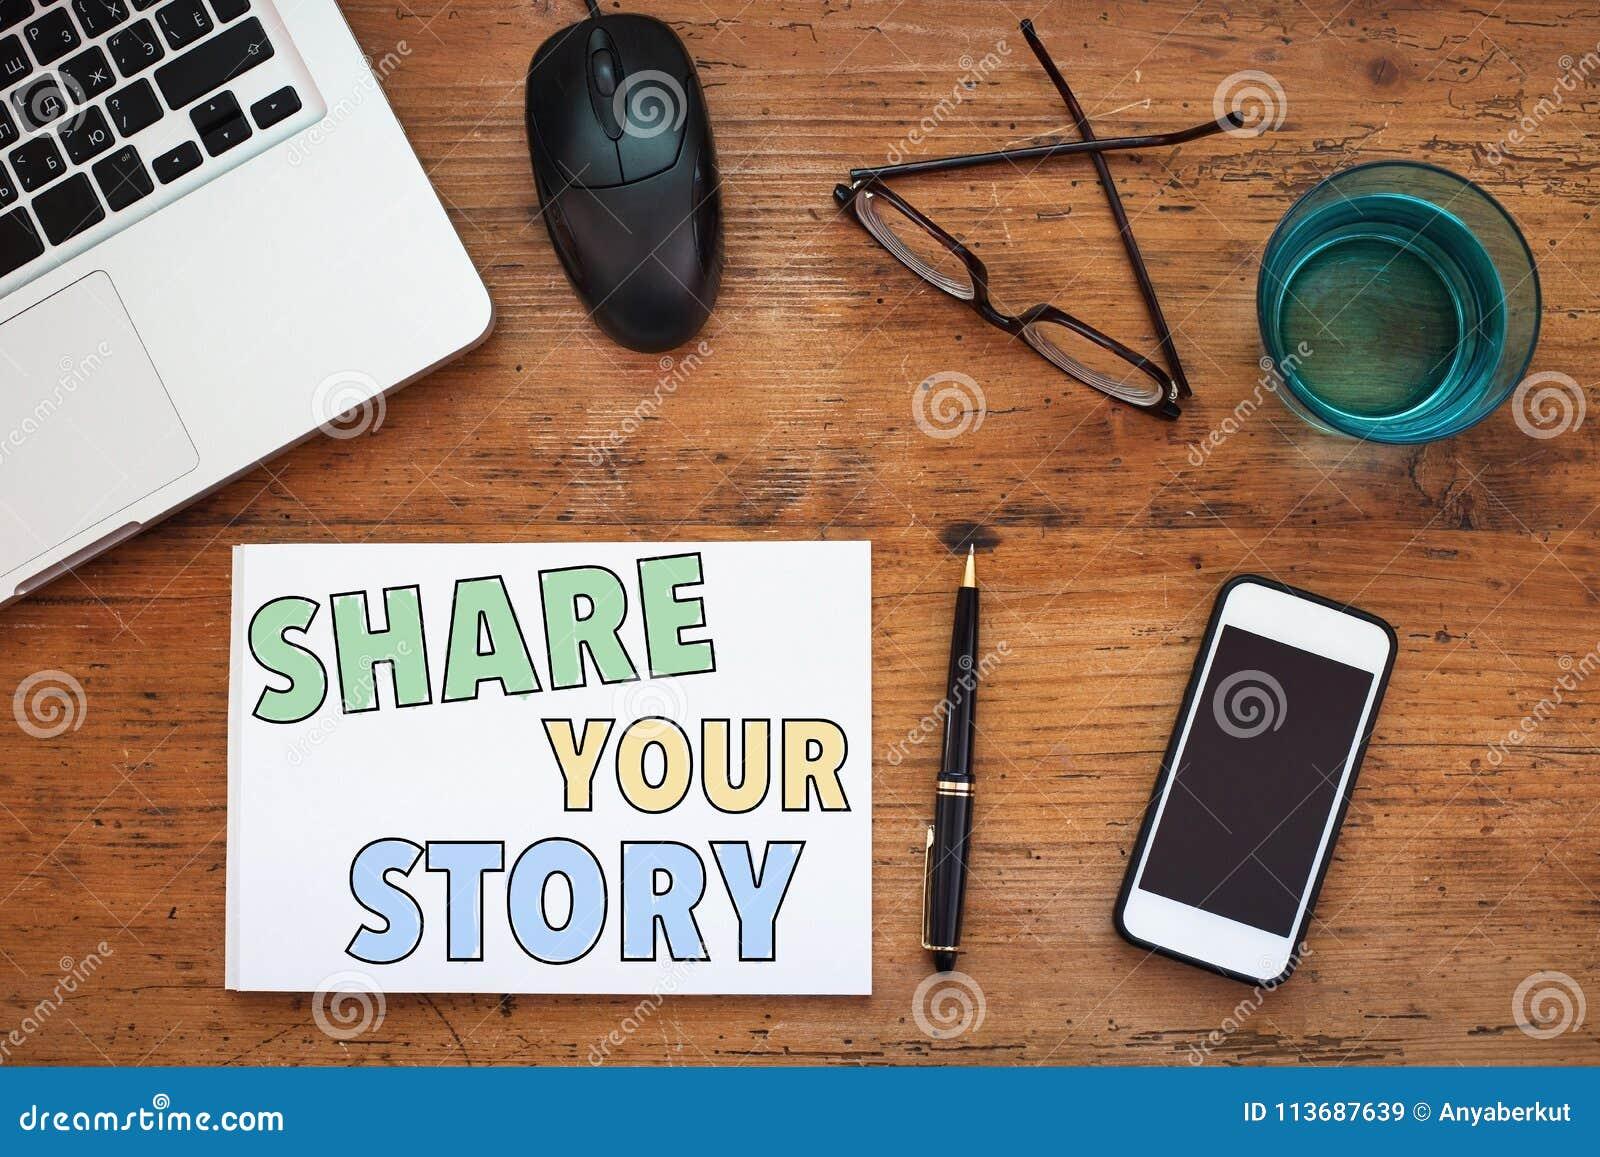 分享您的故事